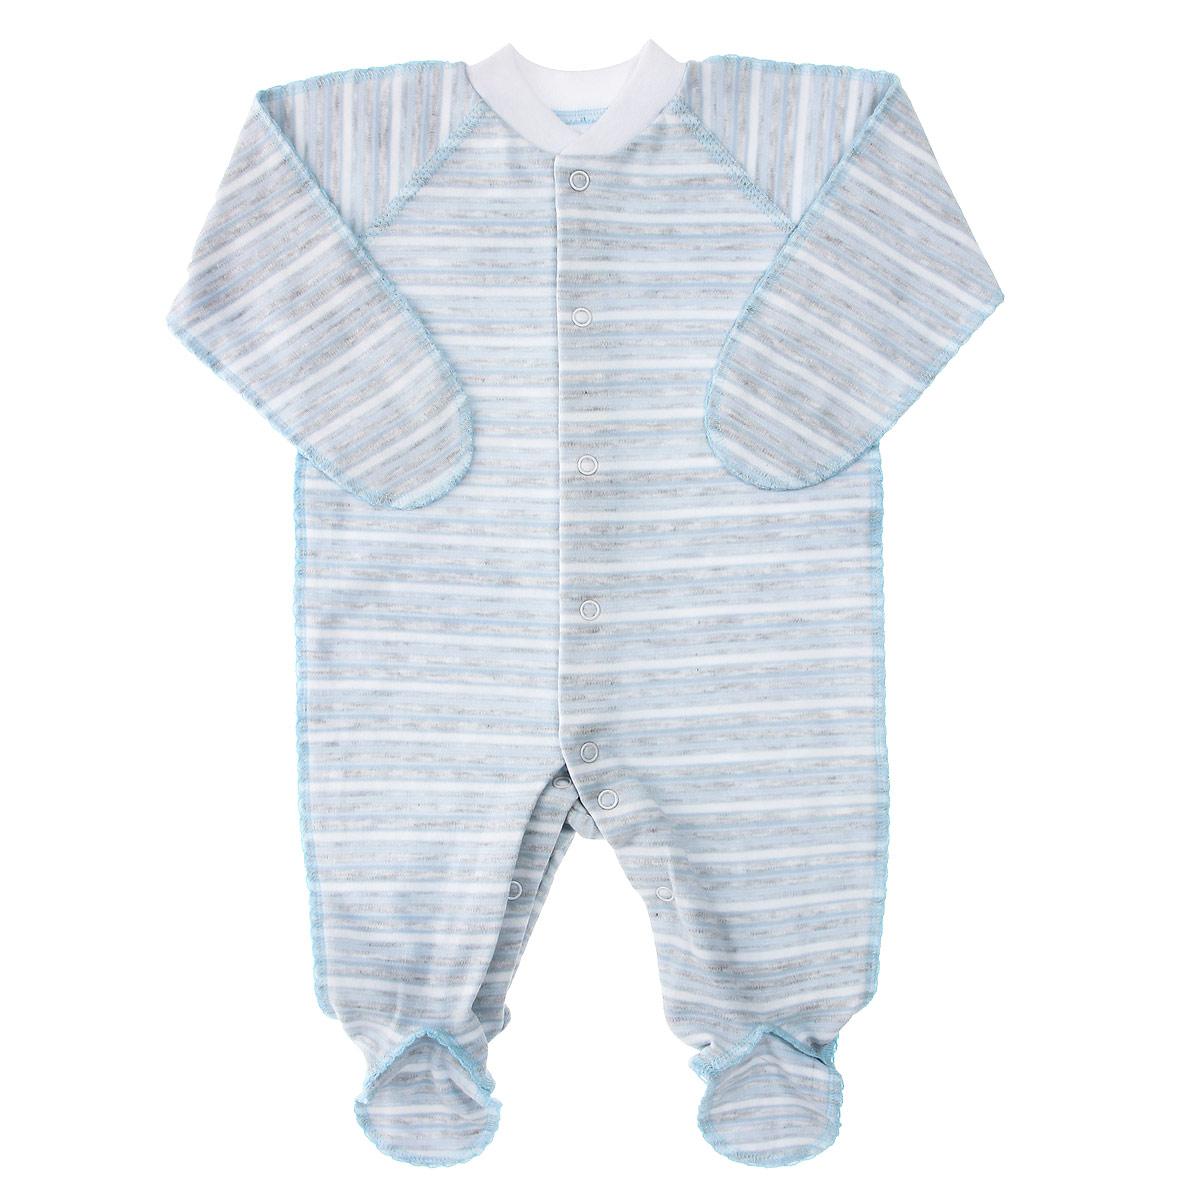 Комбинезон детский Фреш стайл, цвет: голубой, серый, белый. 39-523. Размер 20, 62 см, до 3 месяцев39-523Комбинезон Фреш Стайл станет идеальным дополнением к гардеробу вашего ребенка. Выполненный из натурального хлопка, он необычайно мягкий и приятный на ощупь, не раздражают нежную кожу ребенка и хорошо вентилируется. Комбинезон с длинными рукавами, закрытыми ножками и воротником-стойкой застегиваются спереди на кнопки по всей длине и на ластовице, что облегчает переодевание ребенка и смену подгузника. Горловина дополнена эластичной резинкой. Благодаря рукавичкам ребенок не поцарапает себя.Оригинальное сочетание тканей и забавный рисунок делают этот предмет детской одежды оригинальным и стильным.